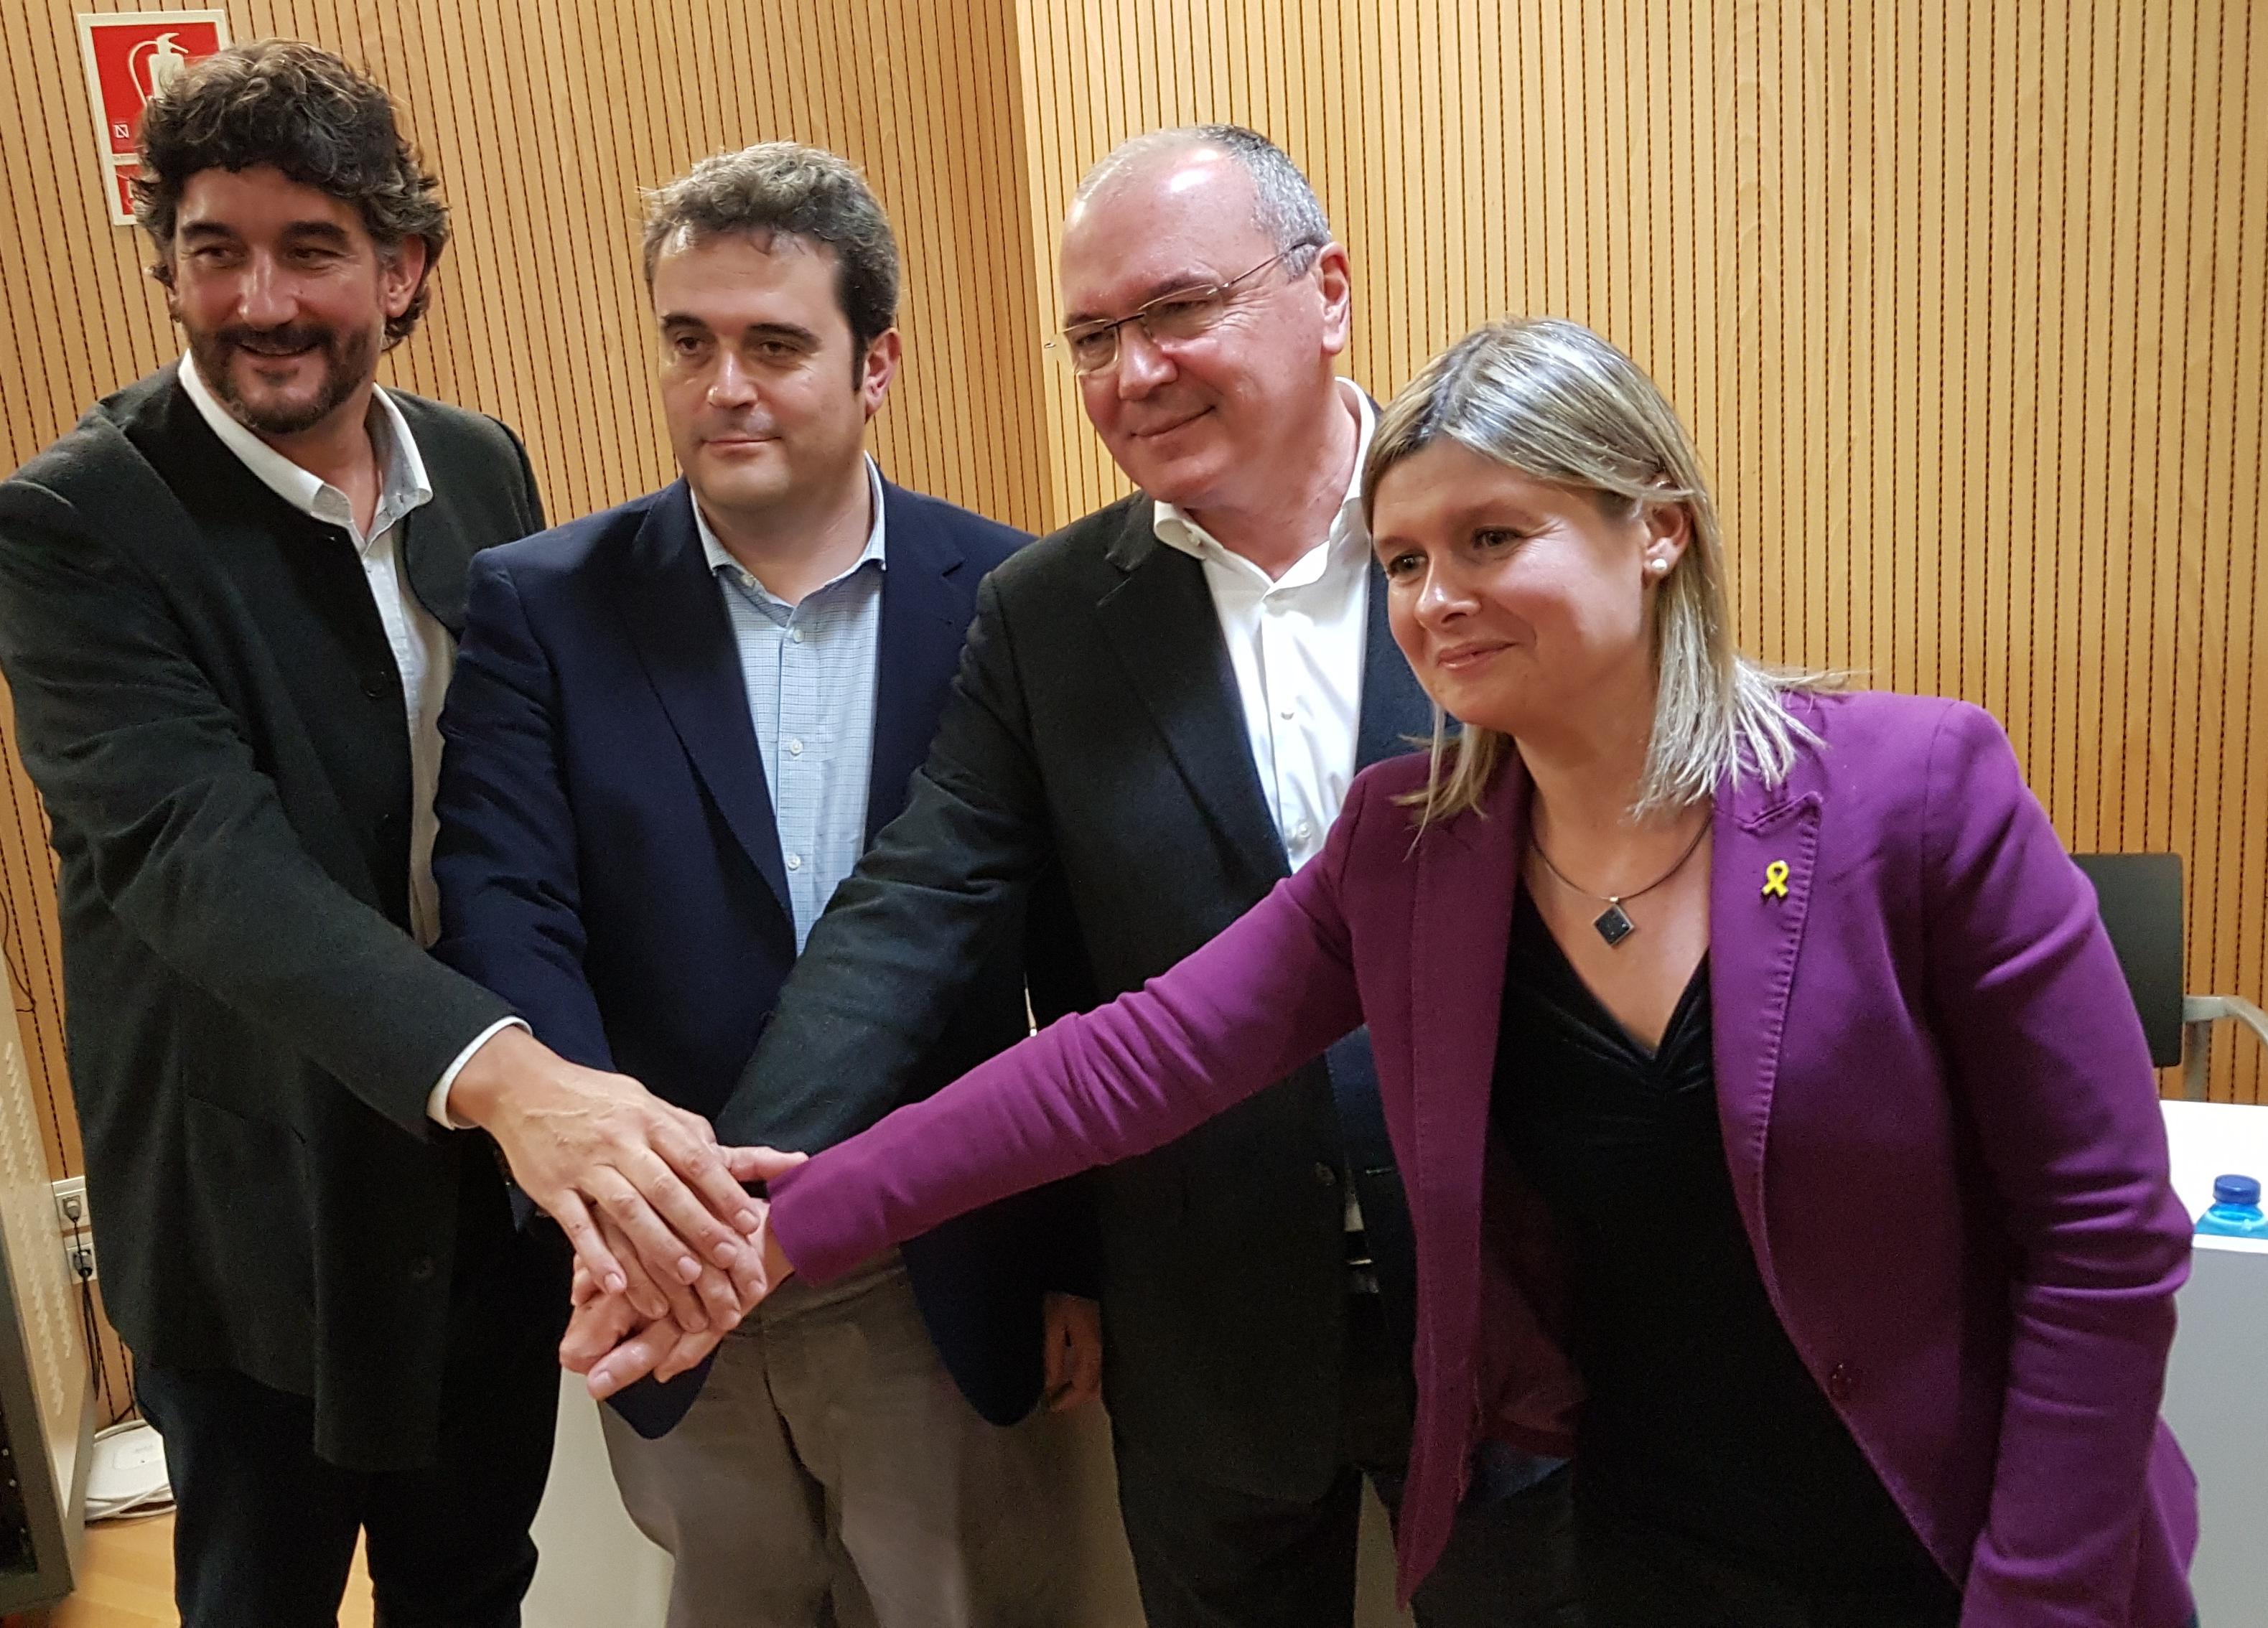 D'esquerra a dreta: Ramon Descarrega, gerent de la Regió Sanitària del Camp de Tarragona; Adrià Comella, director del Servei Català de la Salut (CatSalut); Carles Pellicer, alcalde de Reus; i Noemí Llauradó, presidenta de l'Hospital de Reus.